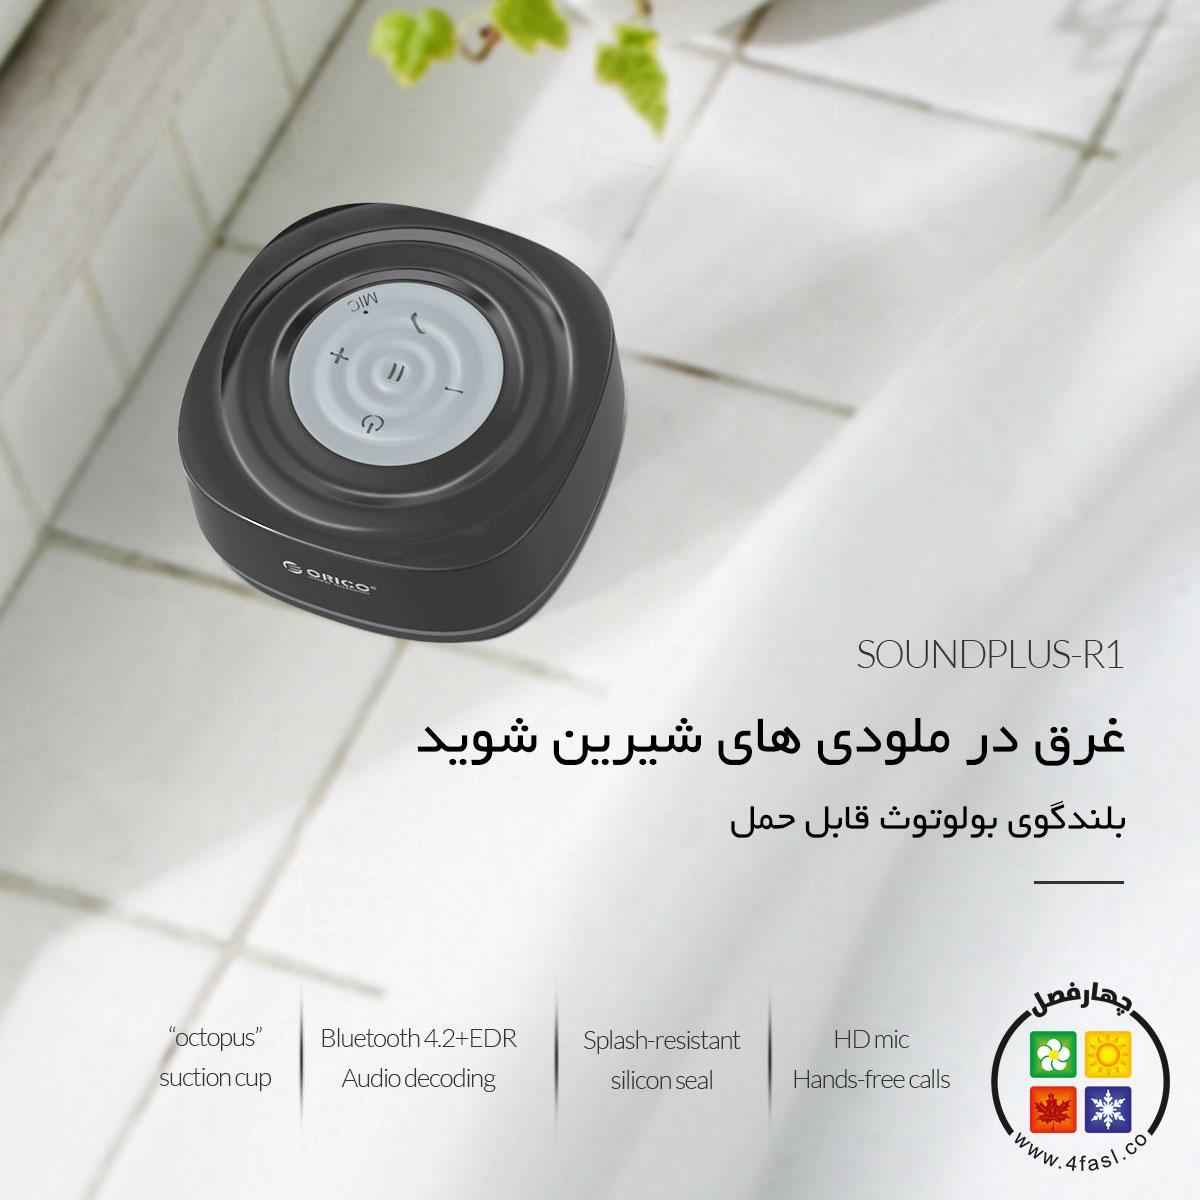 اسپیکر بلوتوث قابل حمل